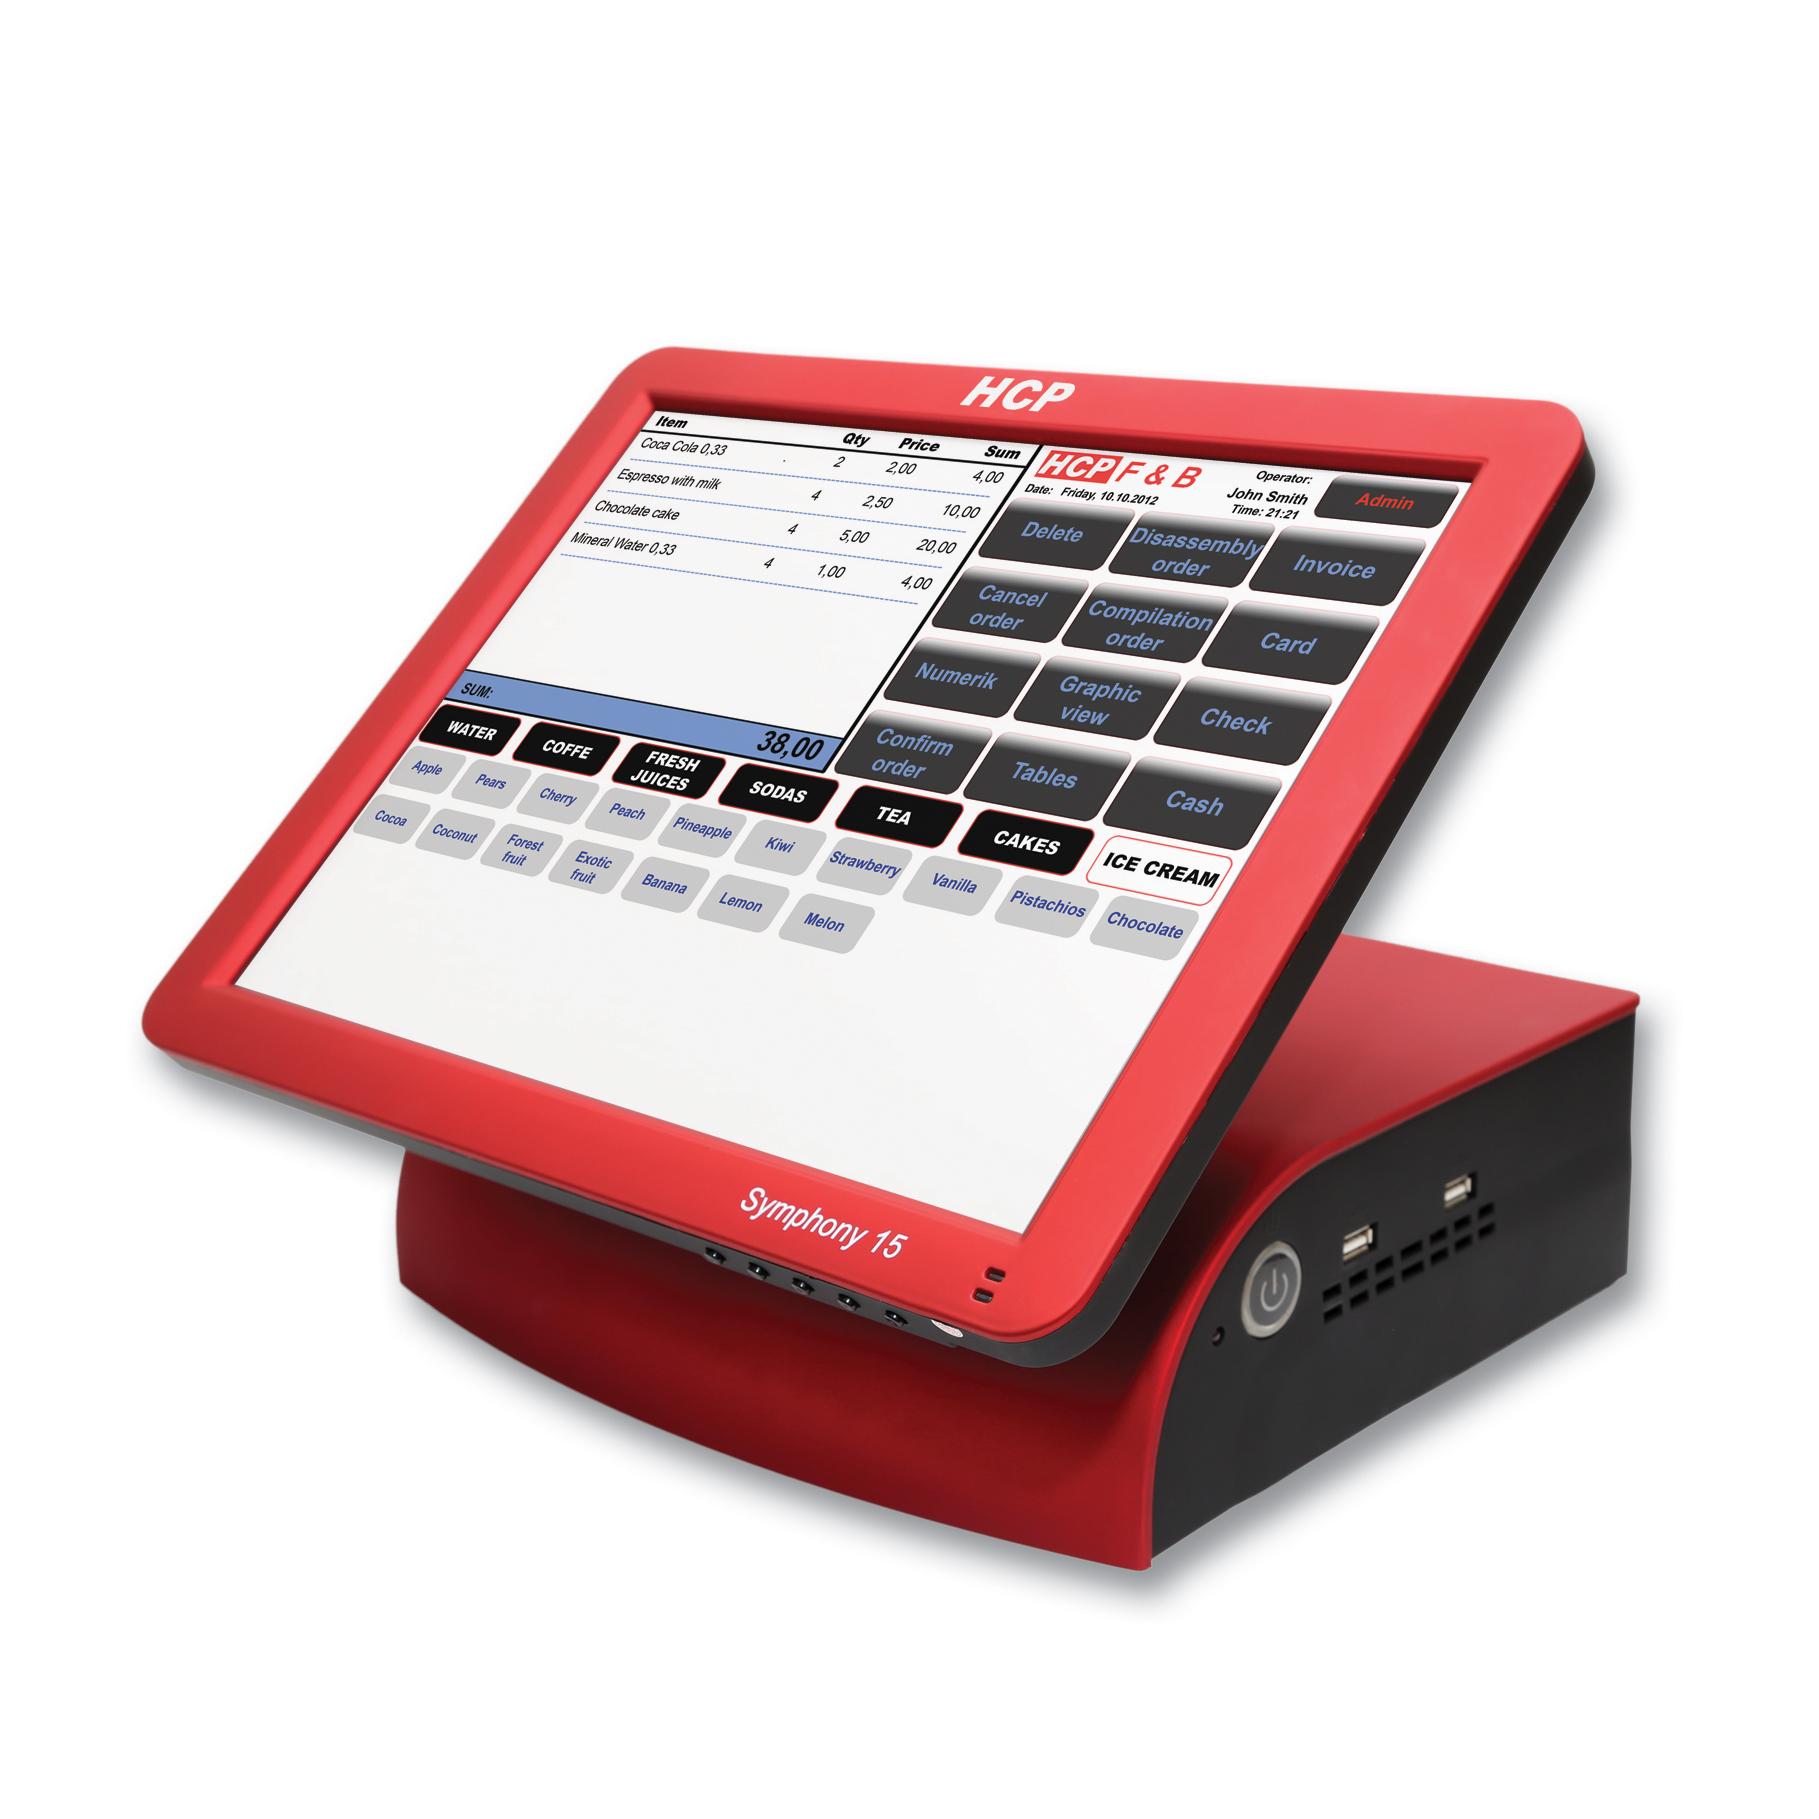 HCP Symphony 15A POS uređaj bez OS-a